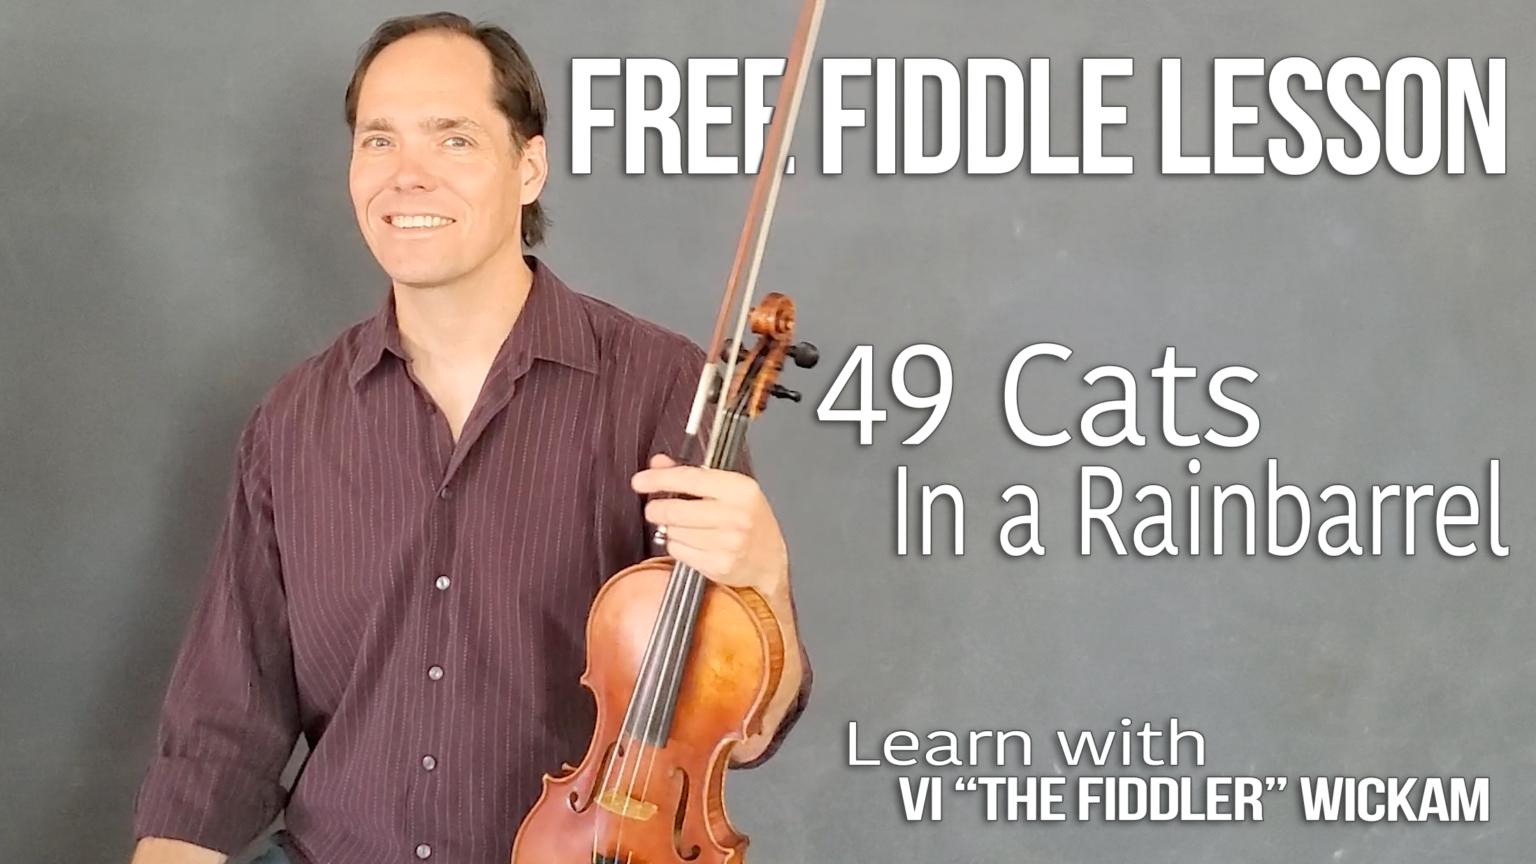 Learn 49 Cats in a Rain barrel on Fiddle